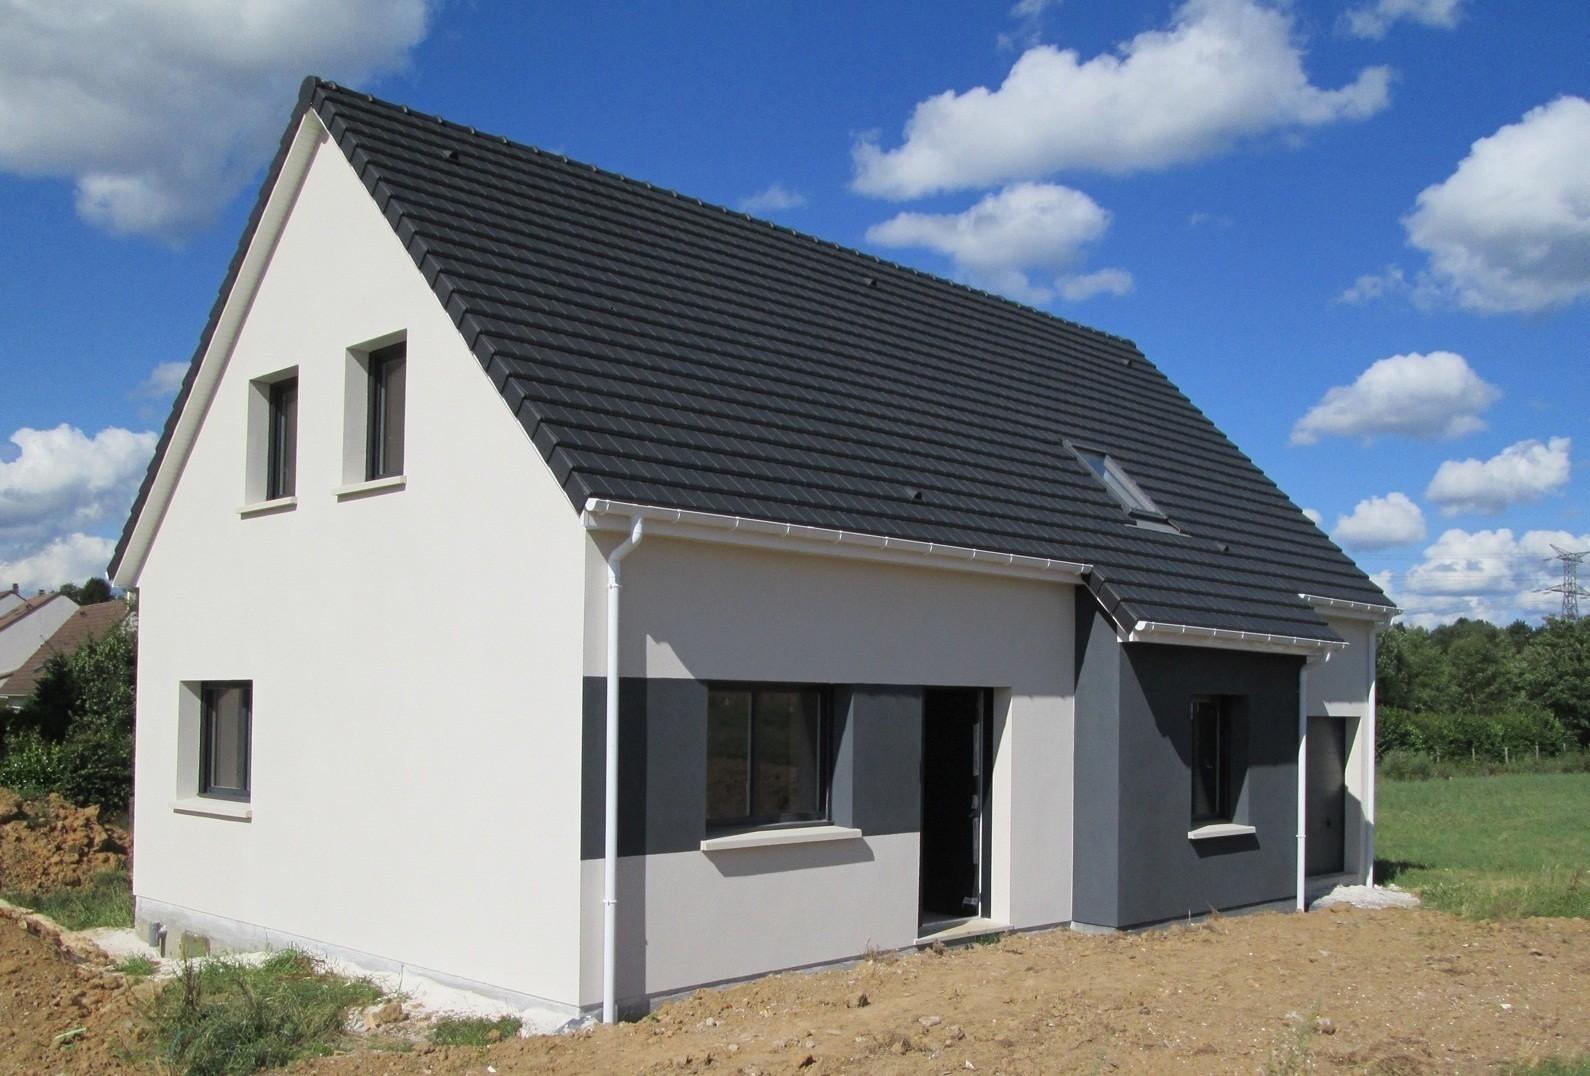 Maisons + Terrains du constructeur MAISON FAMILIALE • 110 m² • GISORS